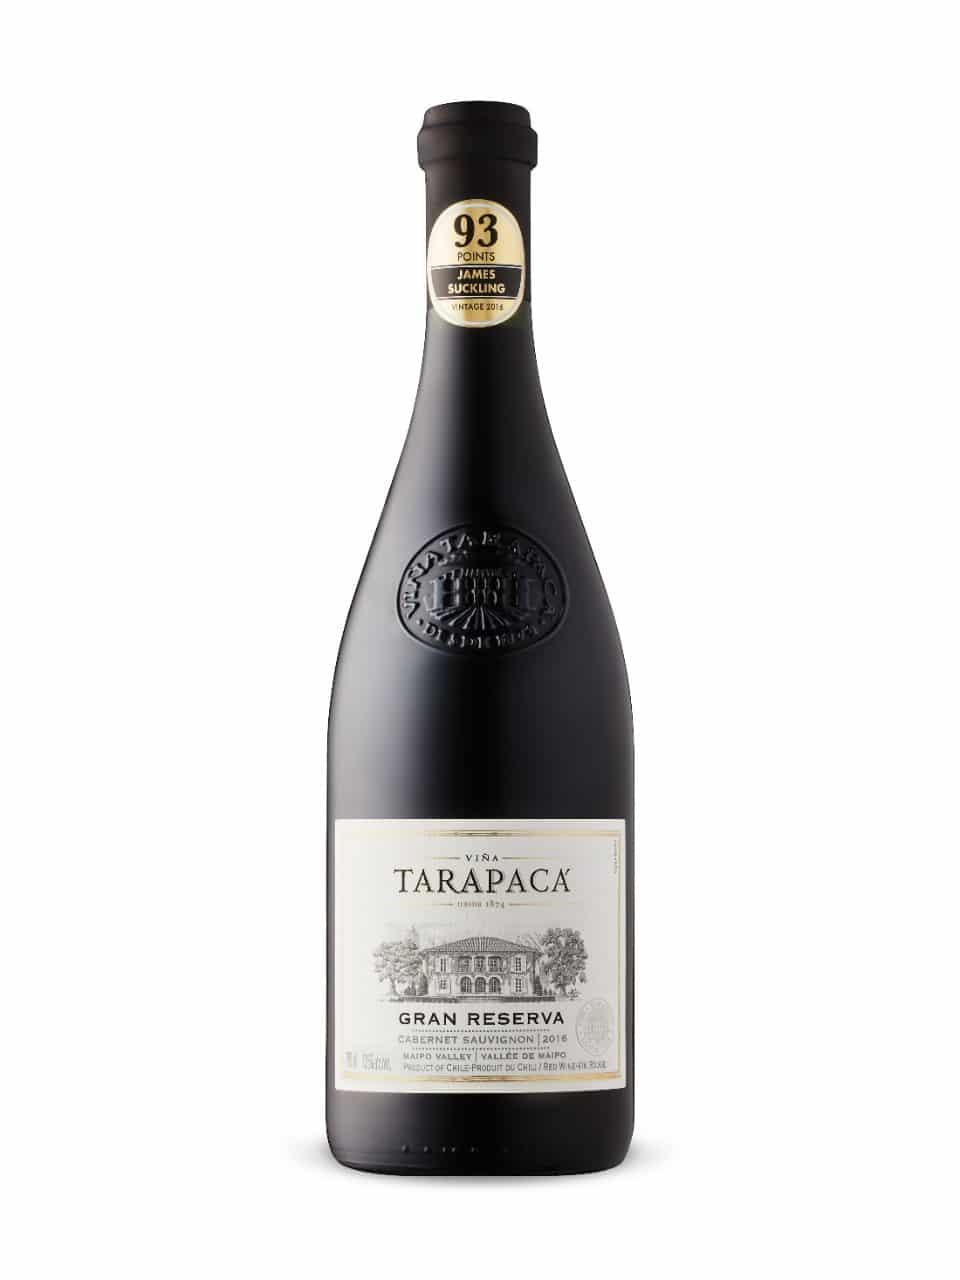 $17.95 - Tarapacá Gran Reserva Cabernet Sauvignon 2016